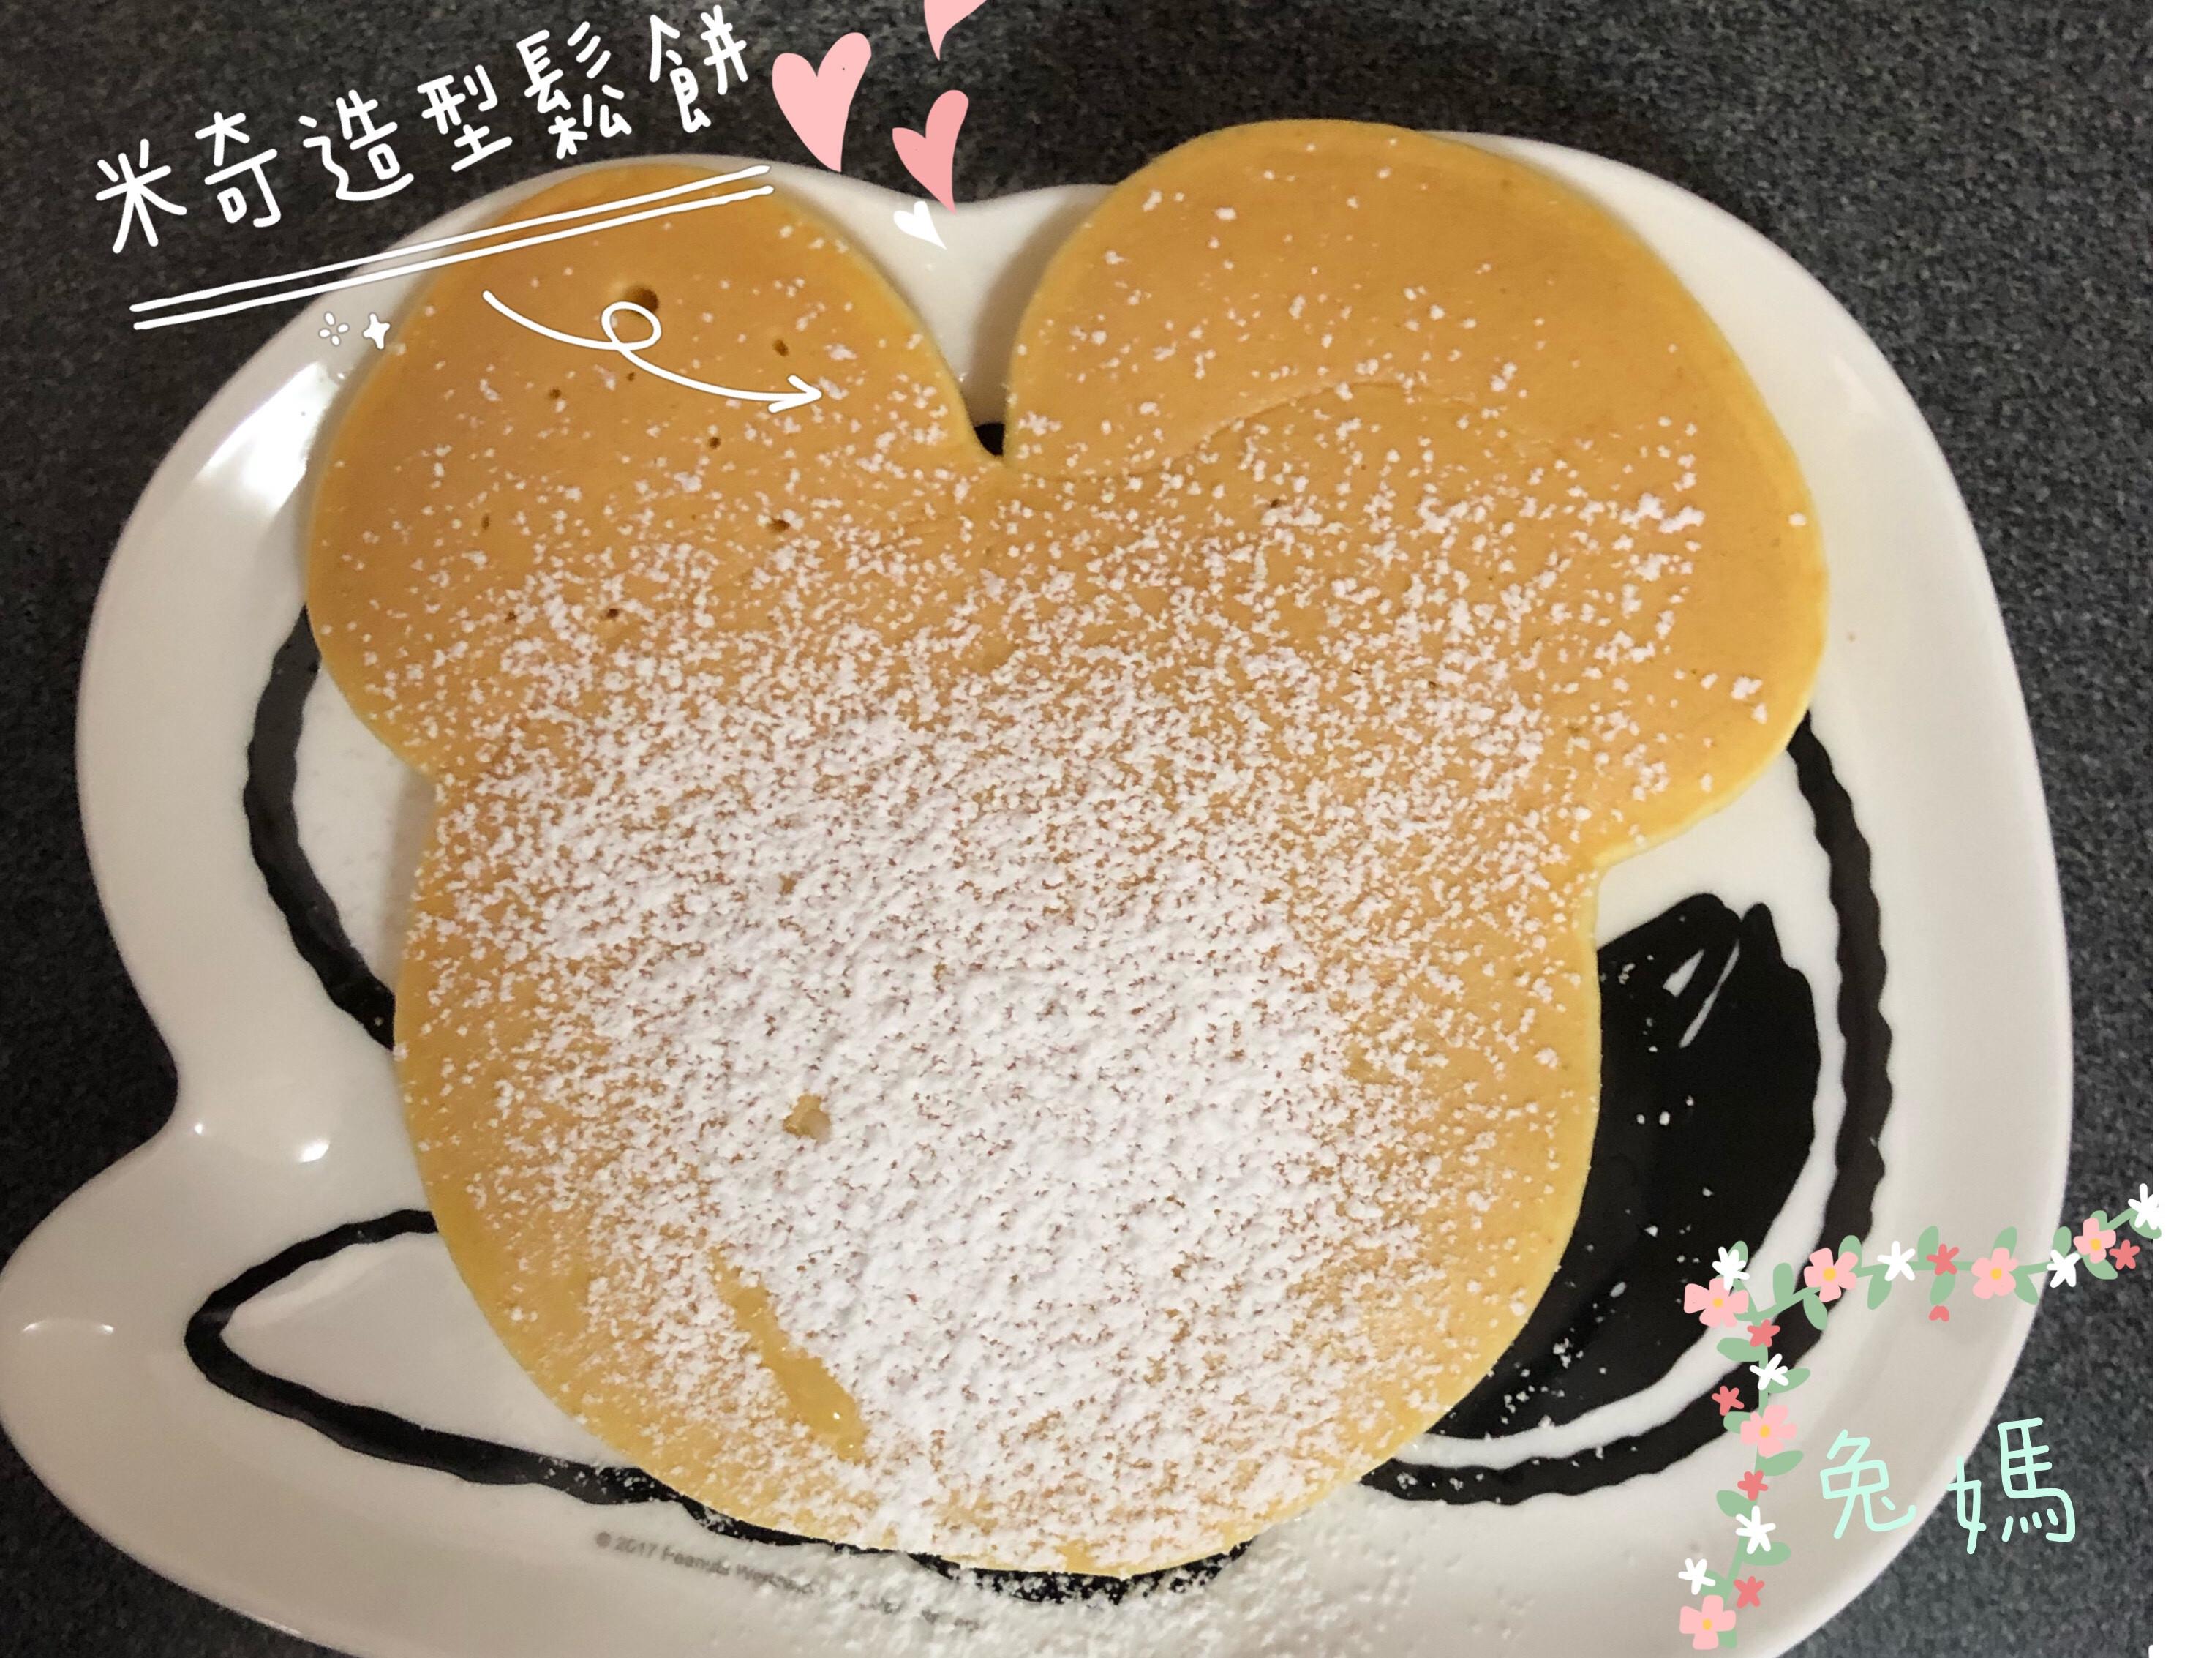 米奇鬆餅(自製鬆餅粉)